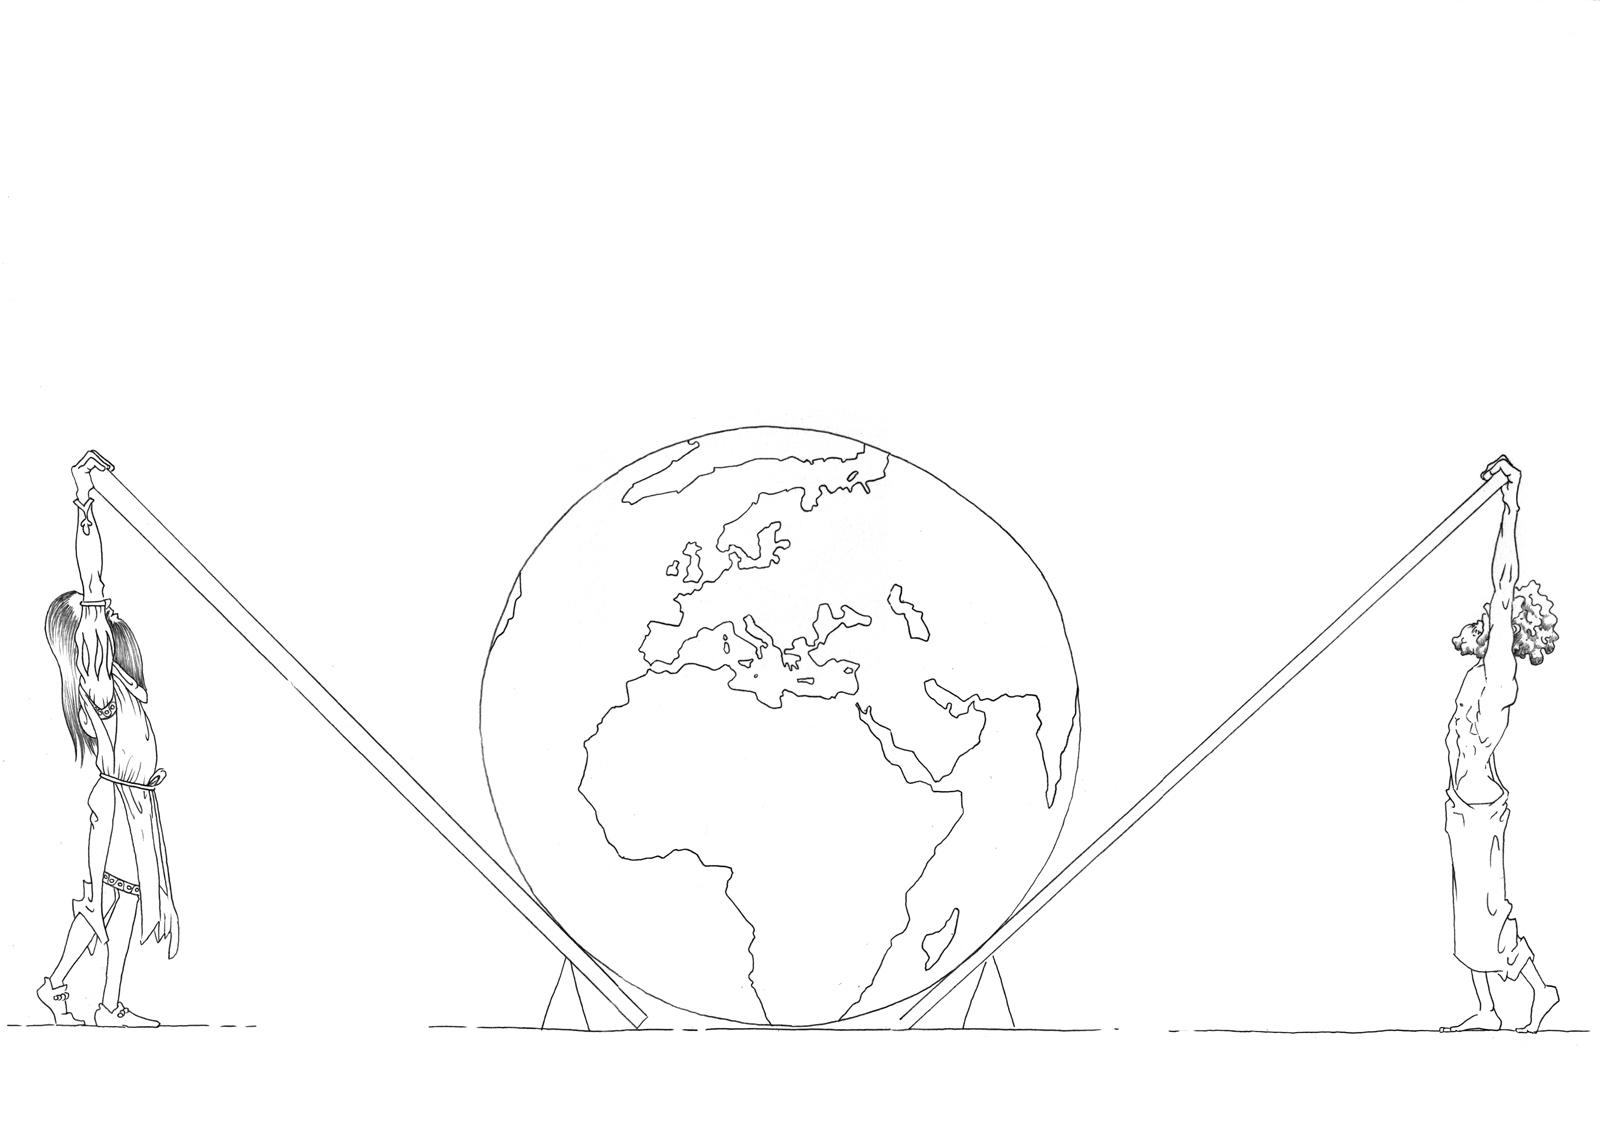 Linea 11 - Illustrazioni, grafica, adv, comunicazione, pubblicità, eventi, siti web, video, company profile